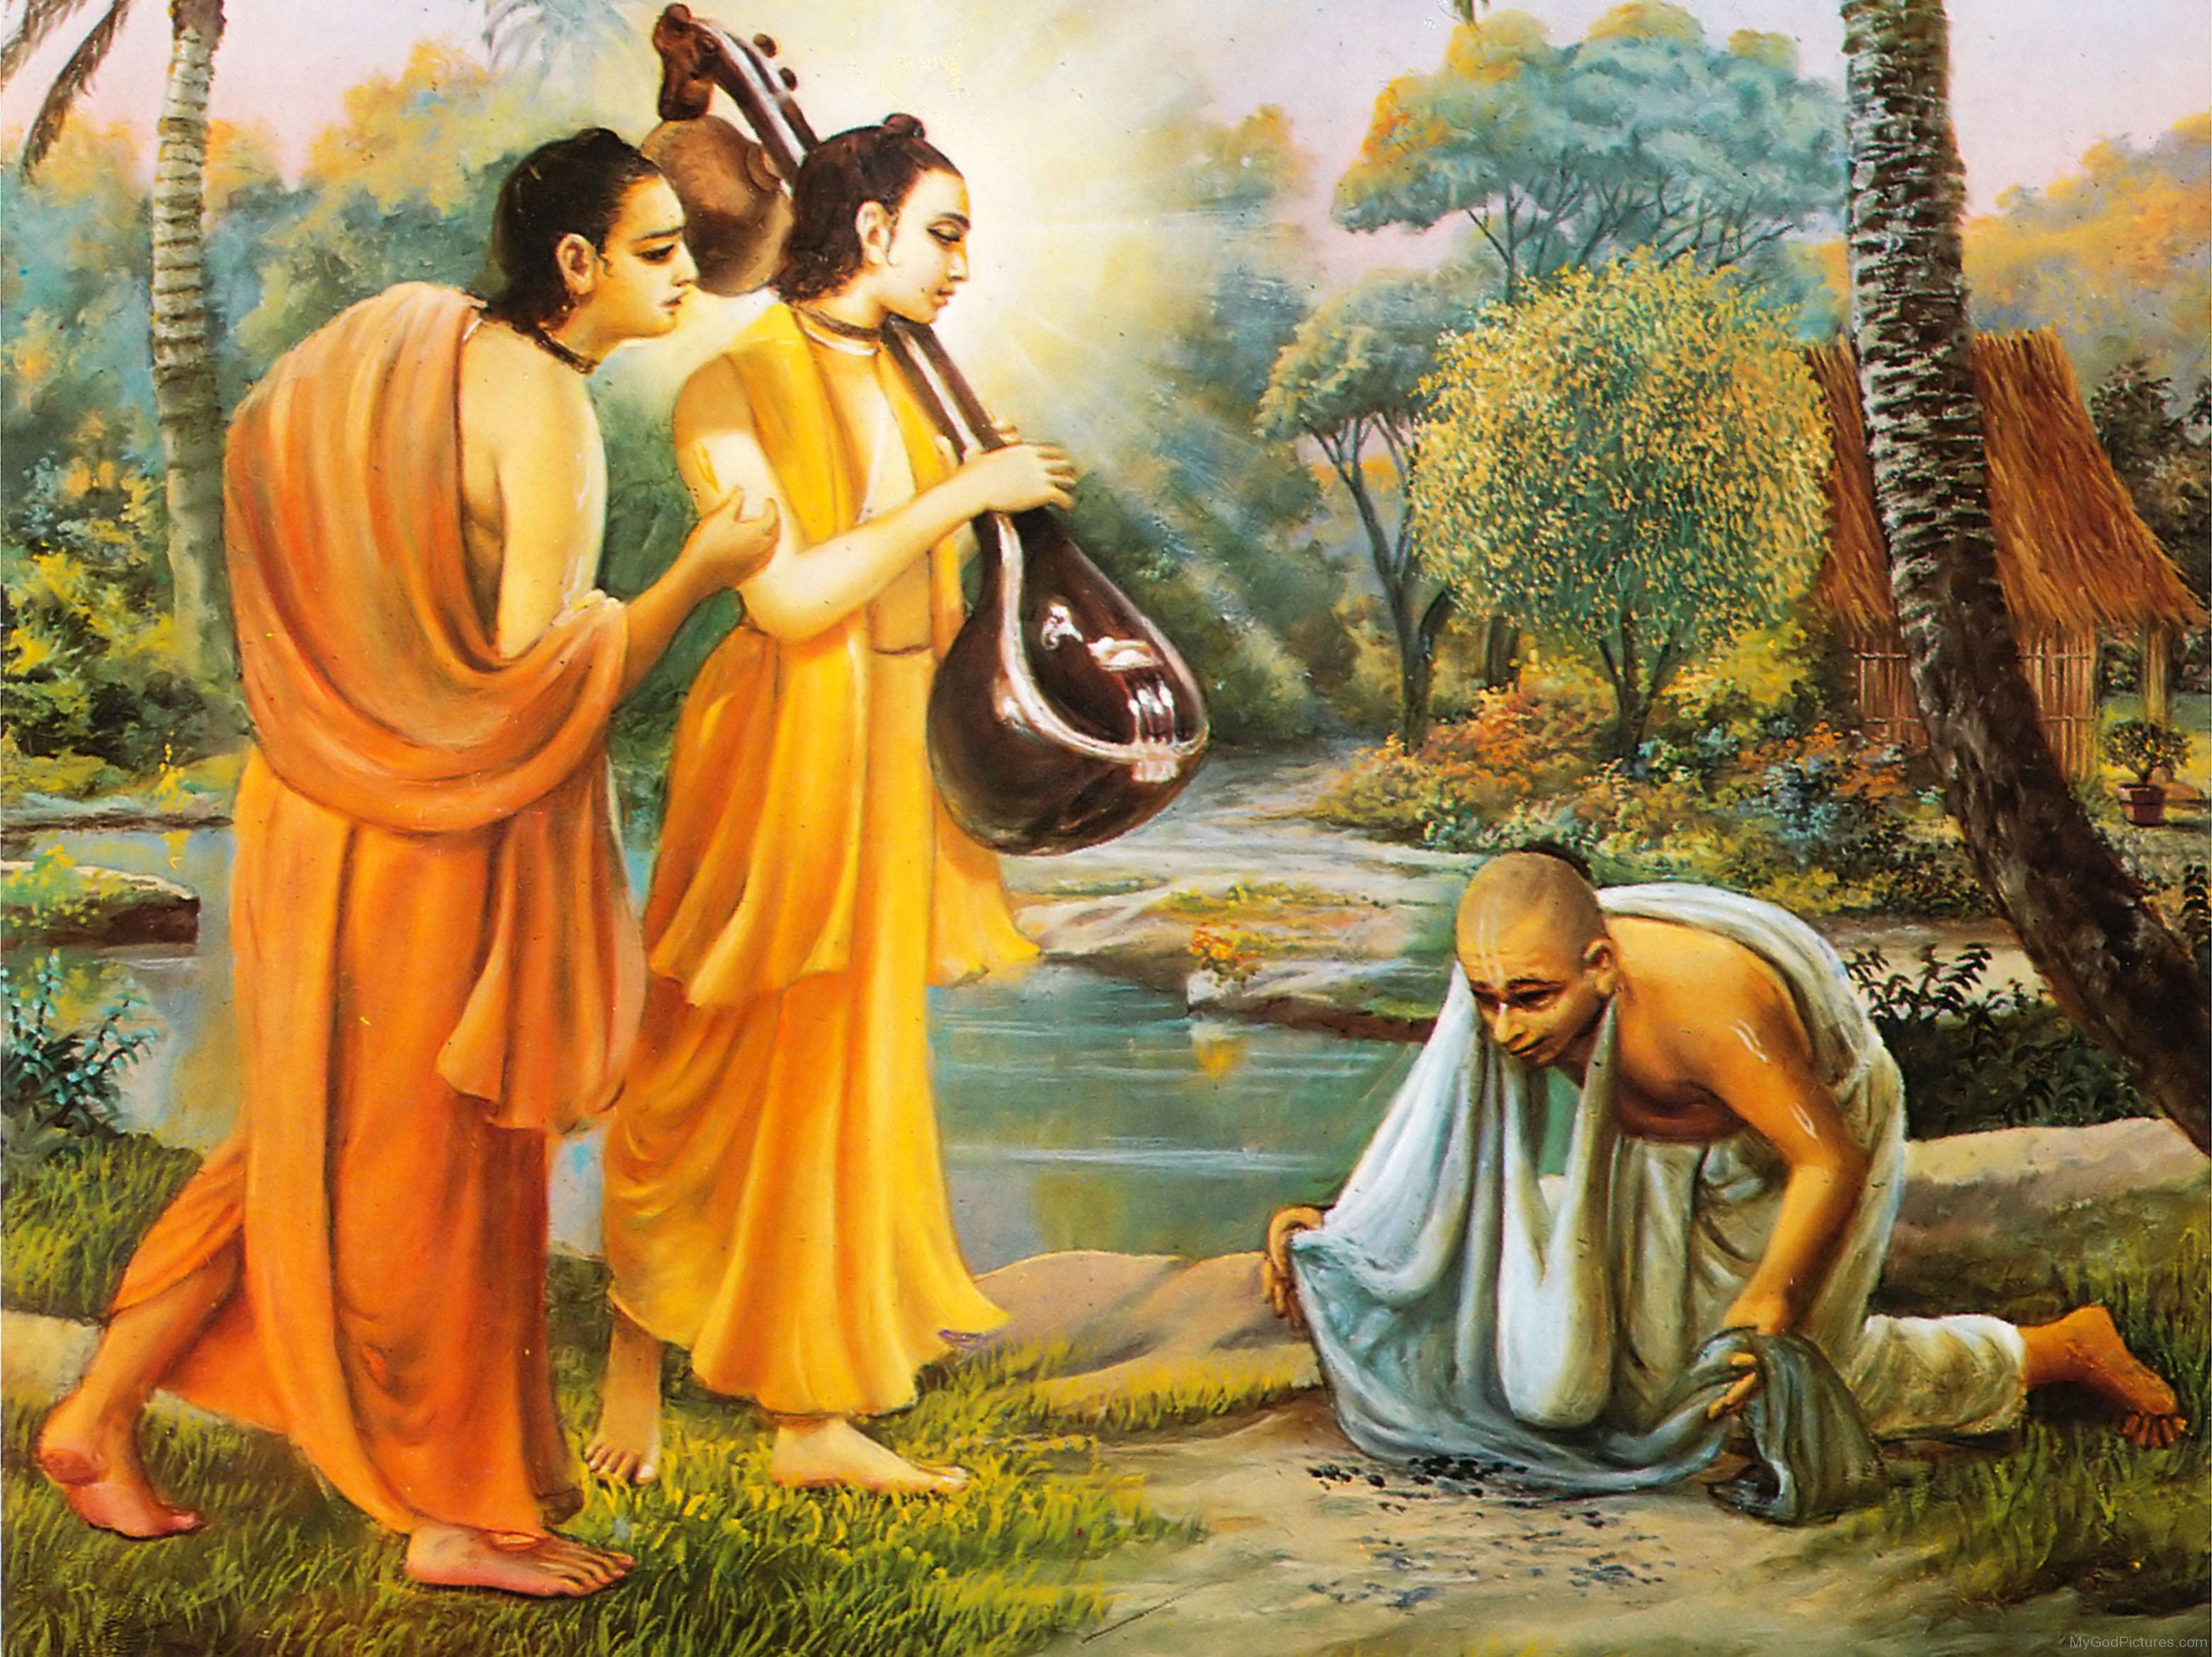 Hindu swami ji got caught fucking a hindu goddess - 3 part 3